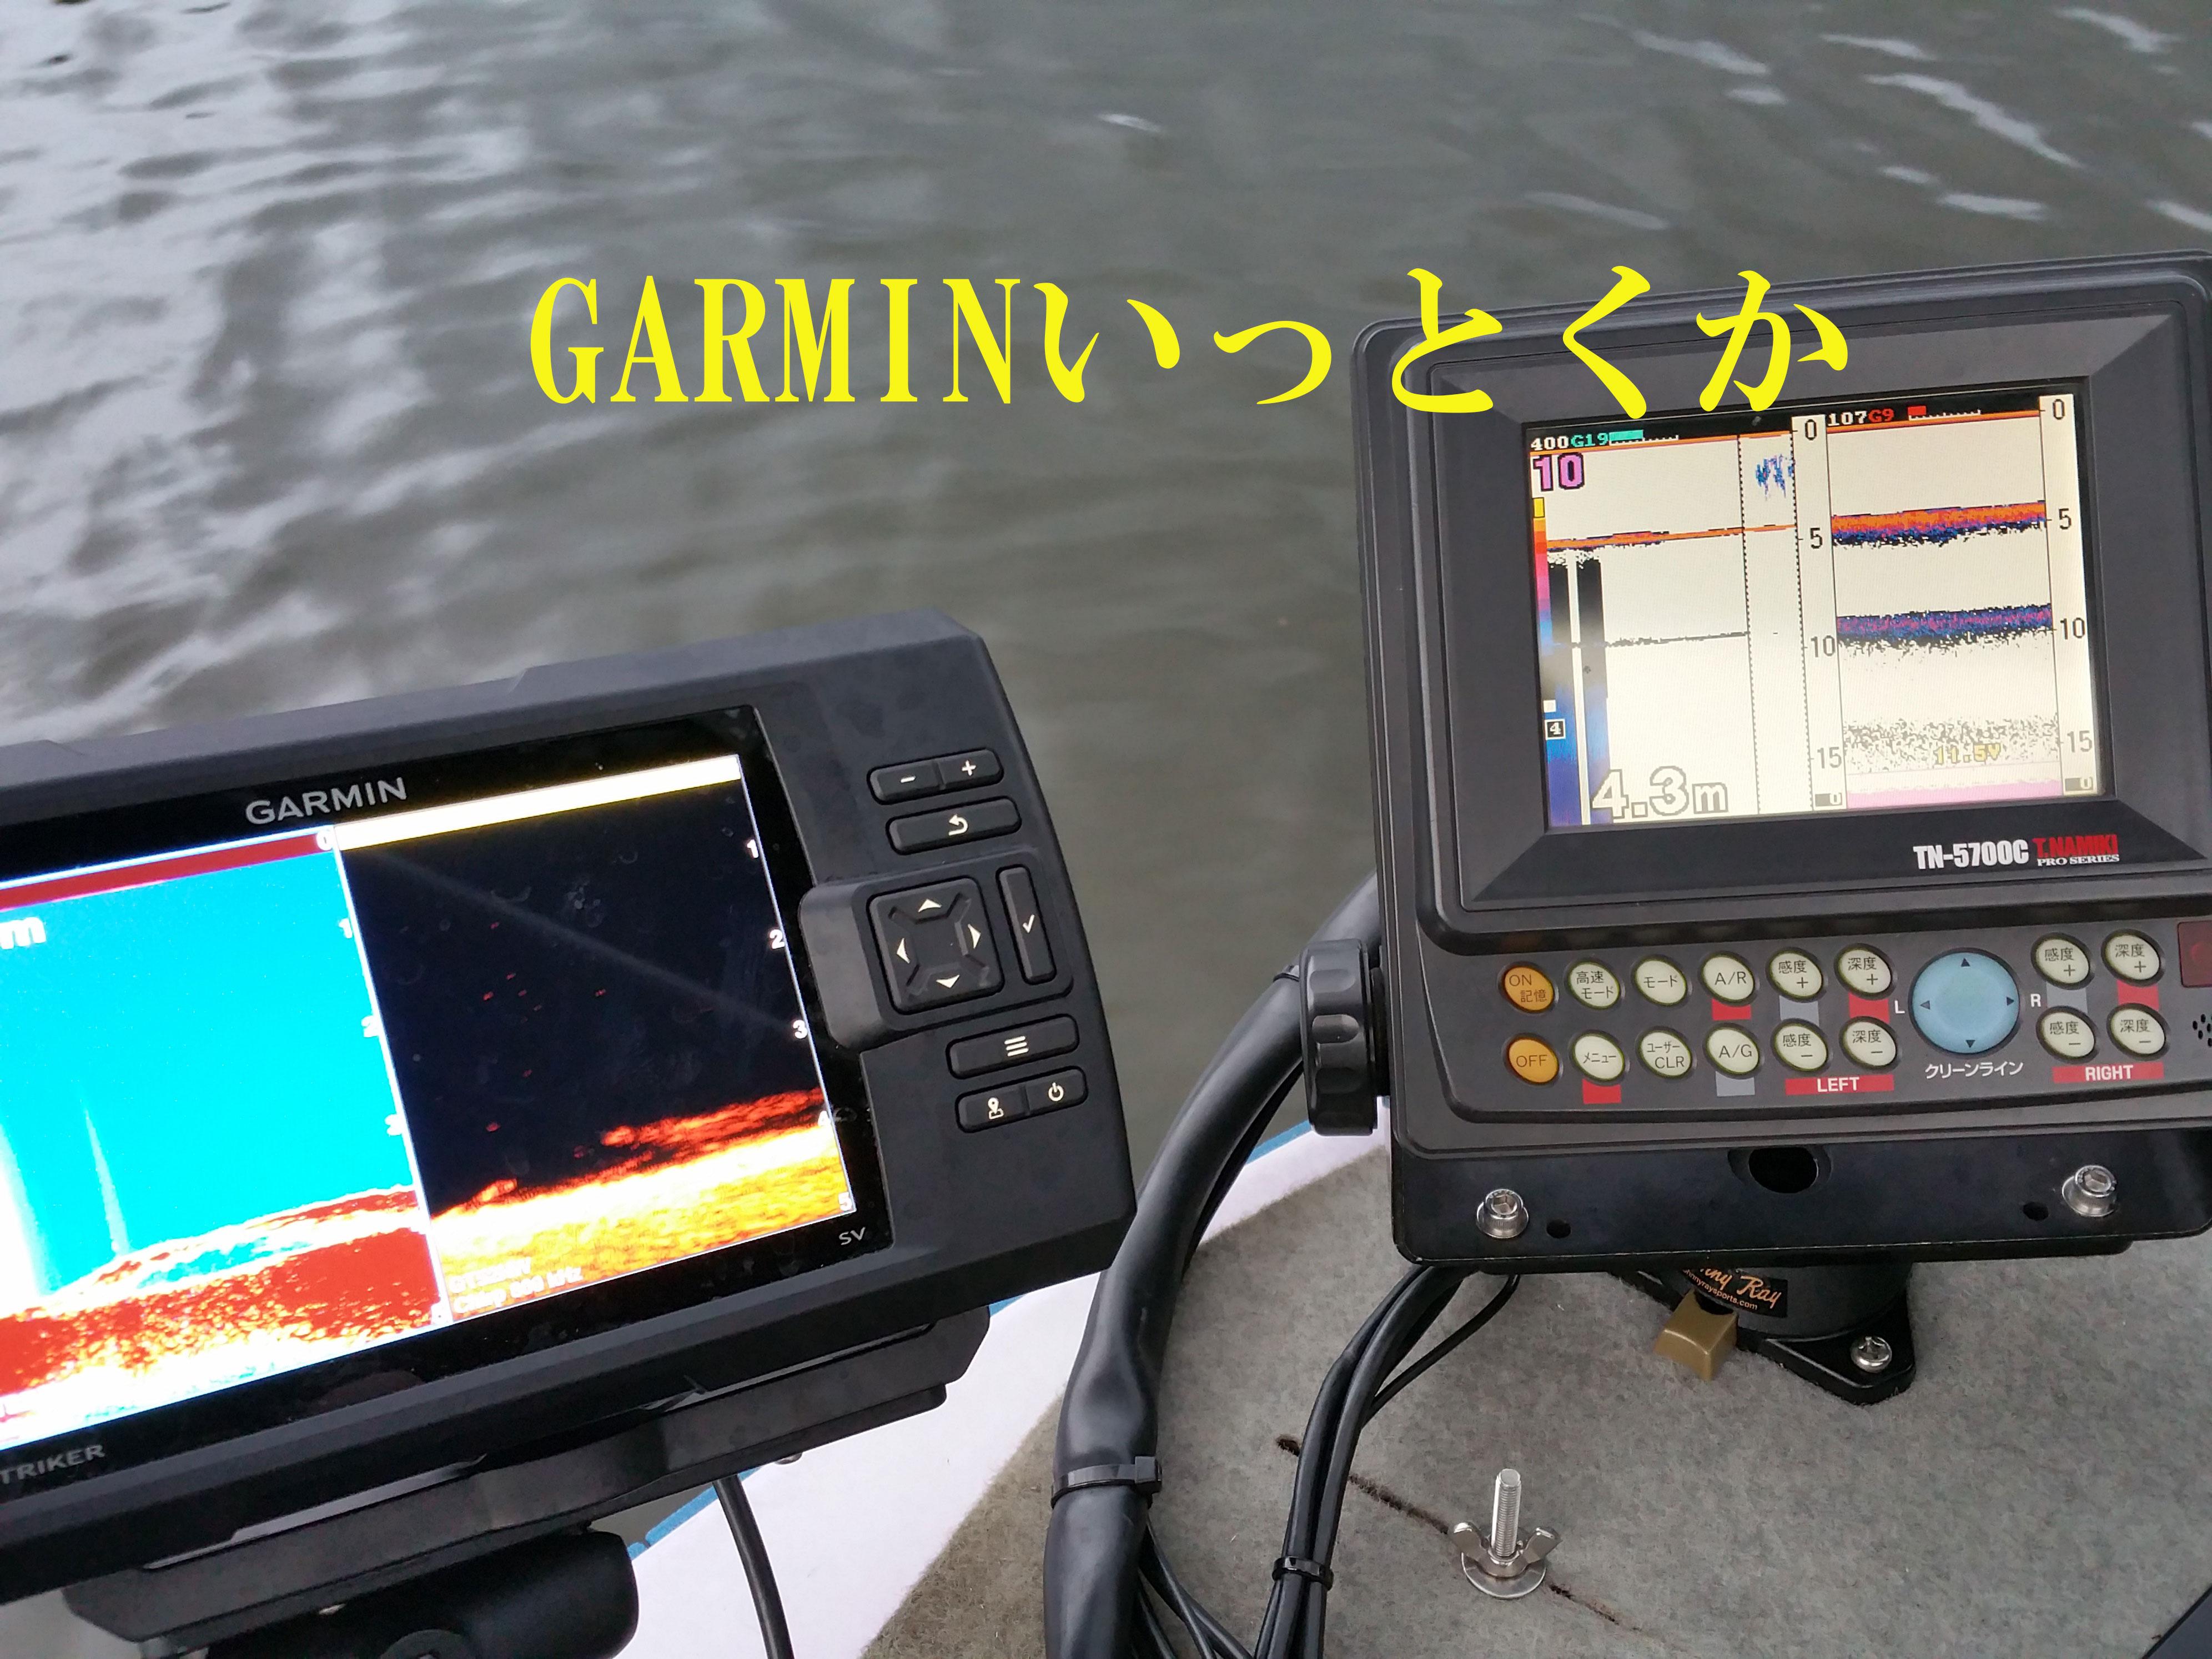 678fdbc9343 フルCHIRP魚探【GARMIN ECHOMAP】 レンタルボートだけどどうかな? | カケヅカ